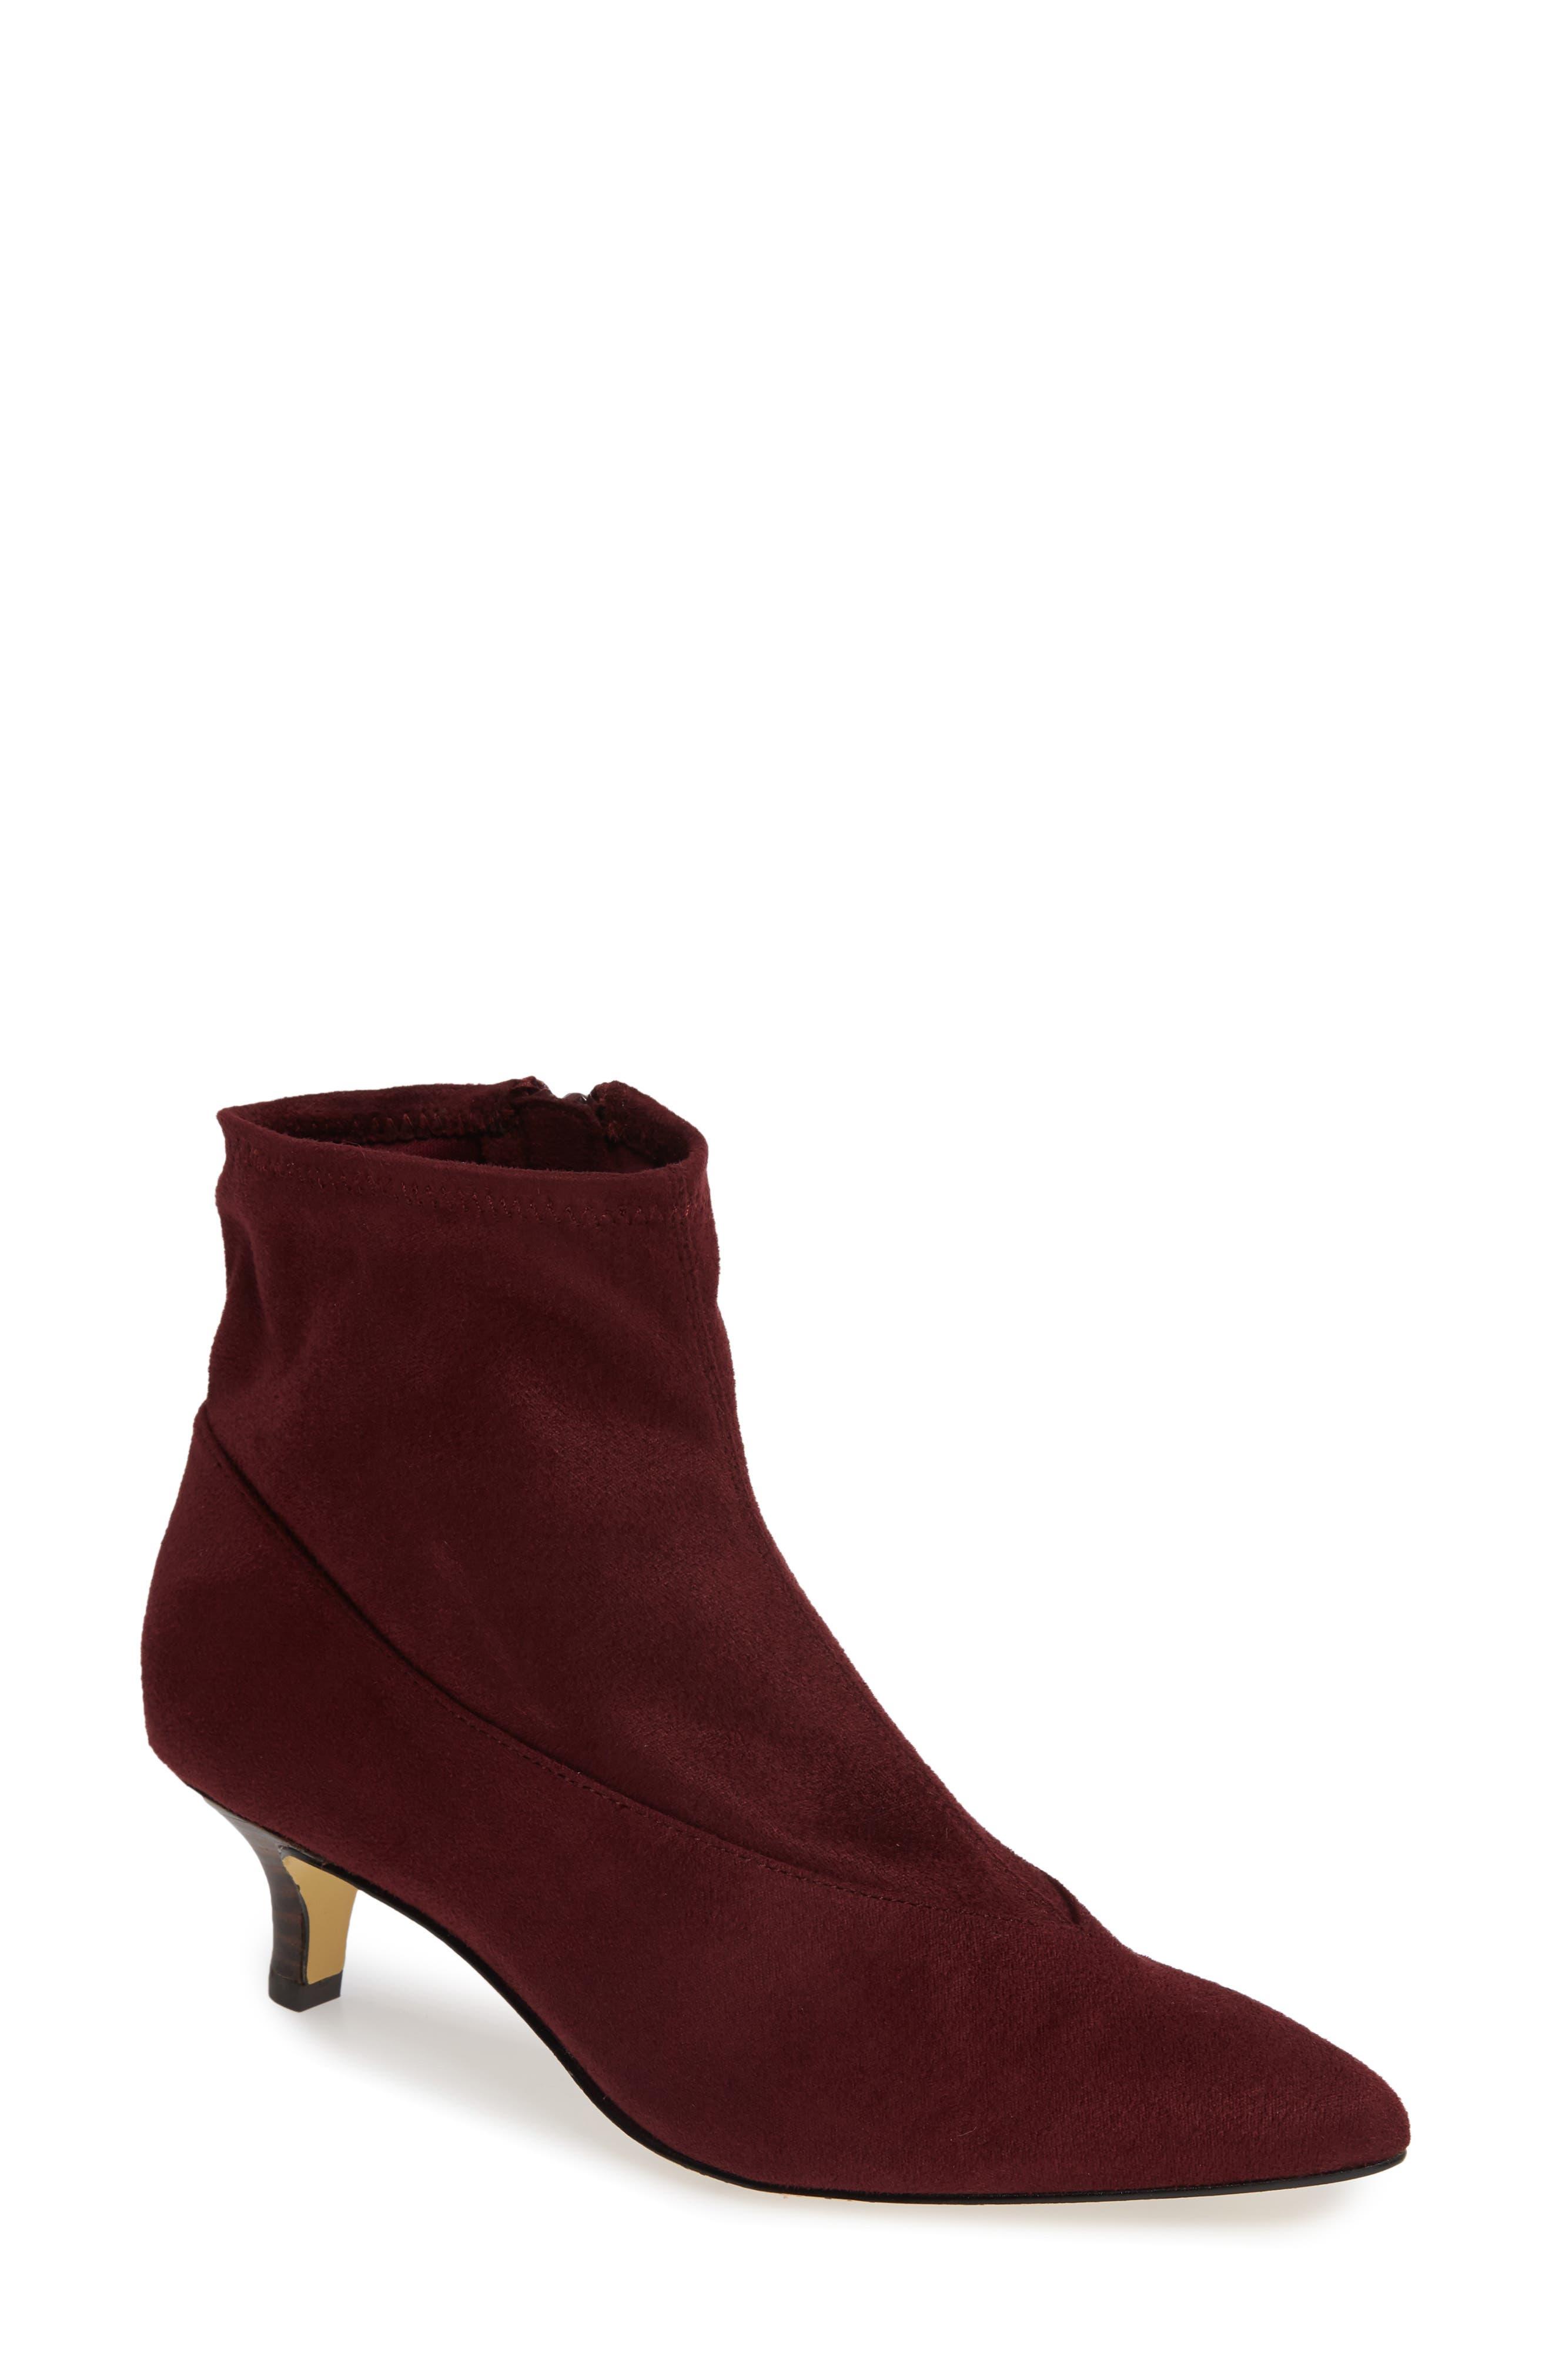 7a2d6127b8d Women's Kitten Boots | Nordstrom